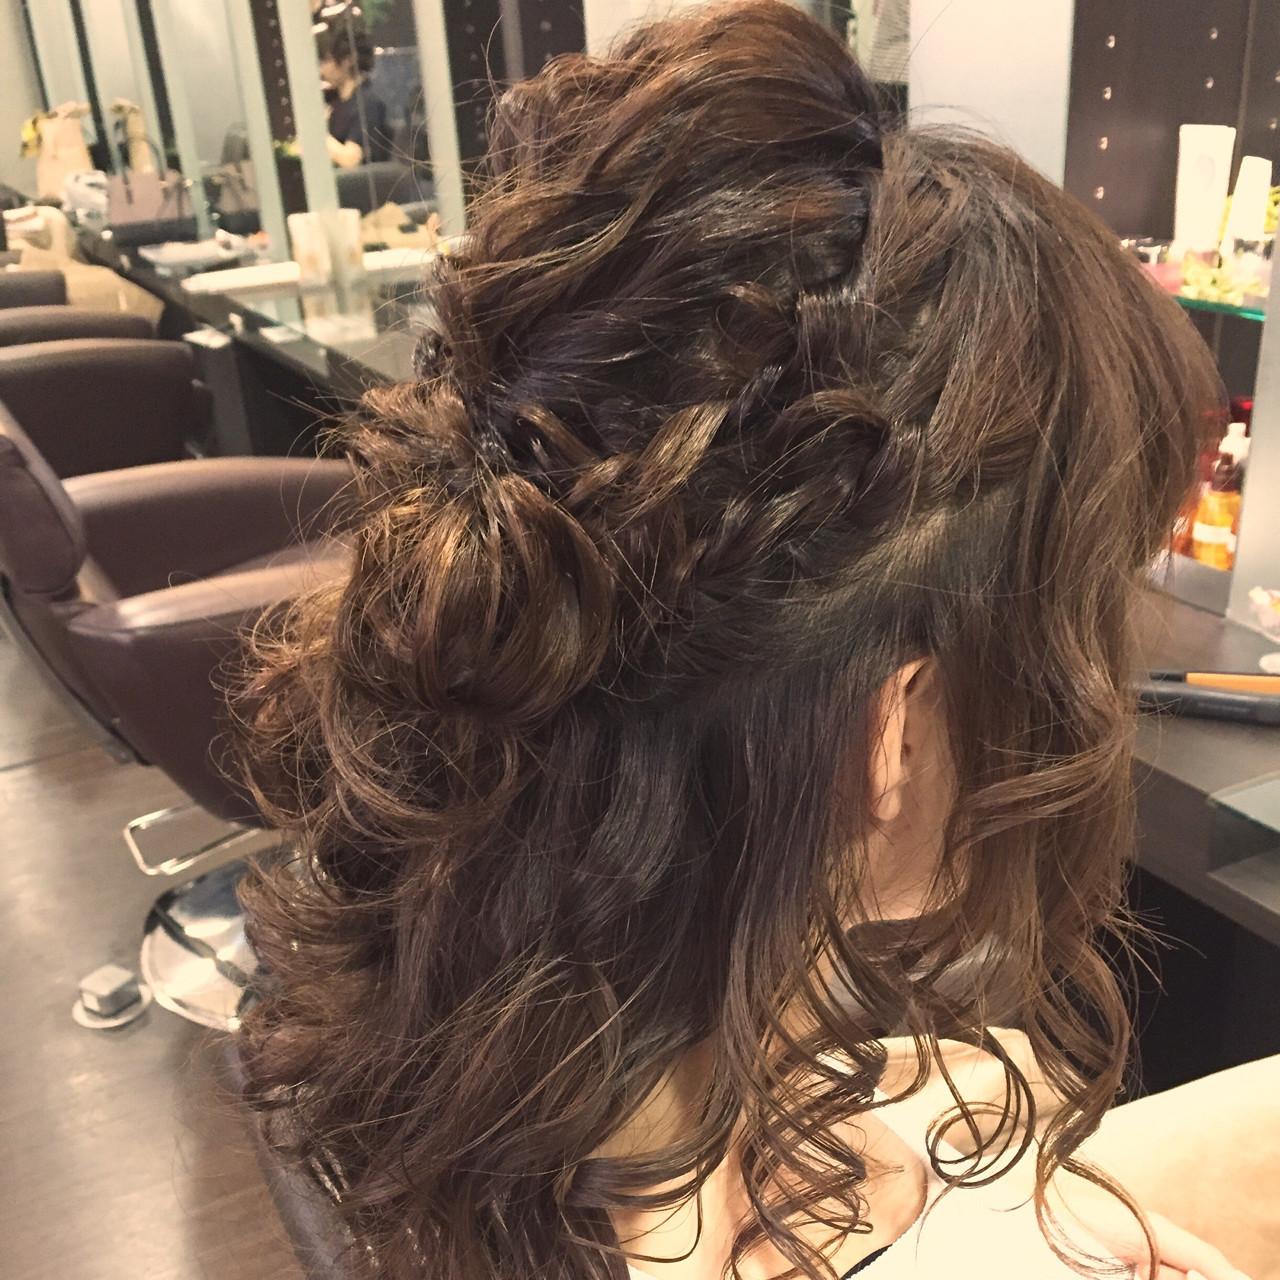 ショート 簡単ヘアアレンジ フェミニン セミロング ヘアスタイルや髪型の写真・画像 | 稲野 剛 / pikaichi 熊本上通り店